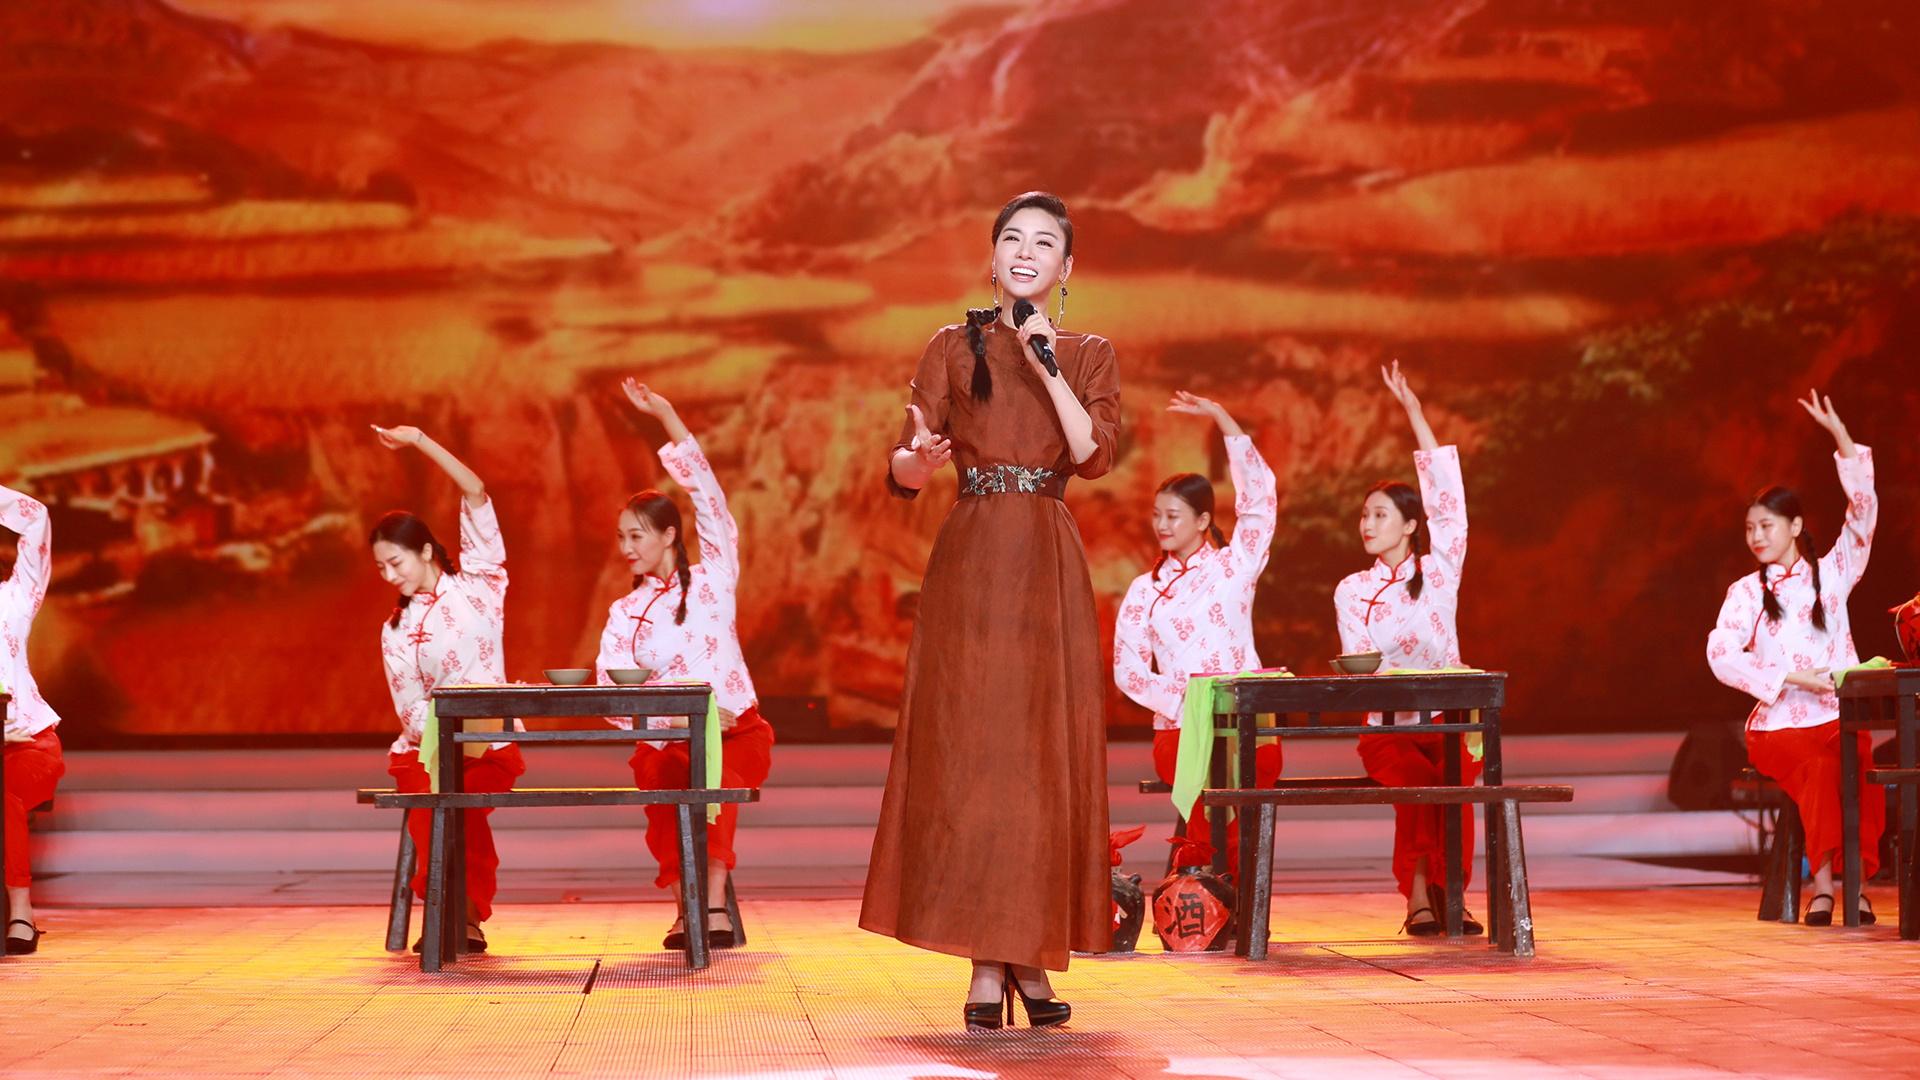 霍尊献唱朝鲜号子热闹欢腾,刘力扬化身DJ打碟燃炸全场